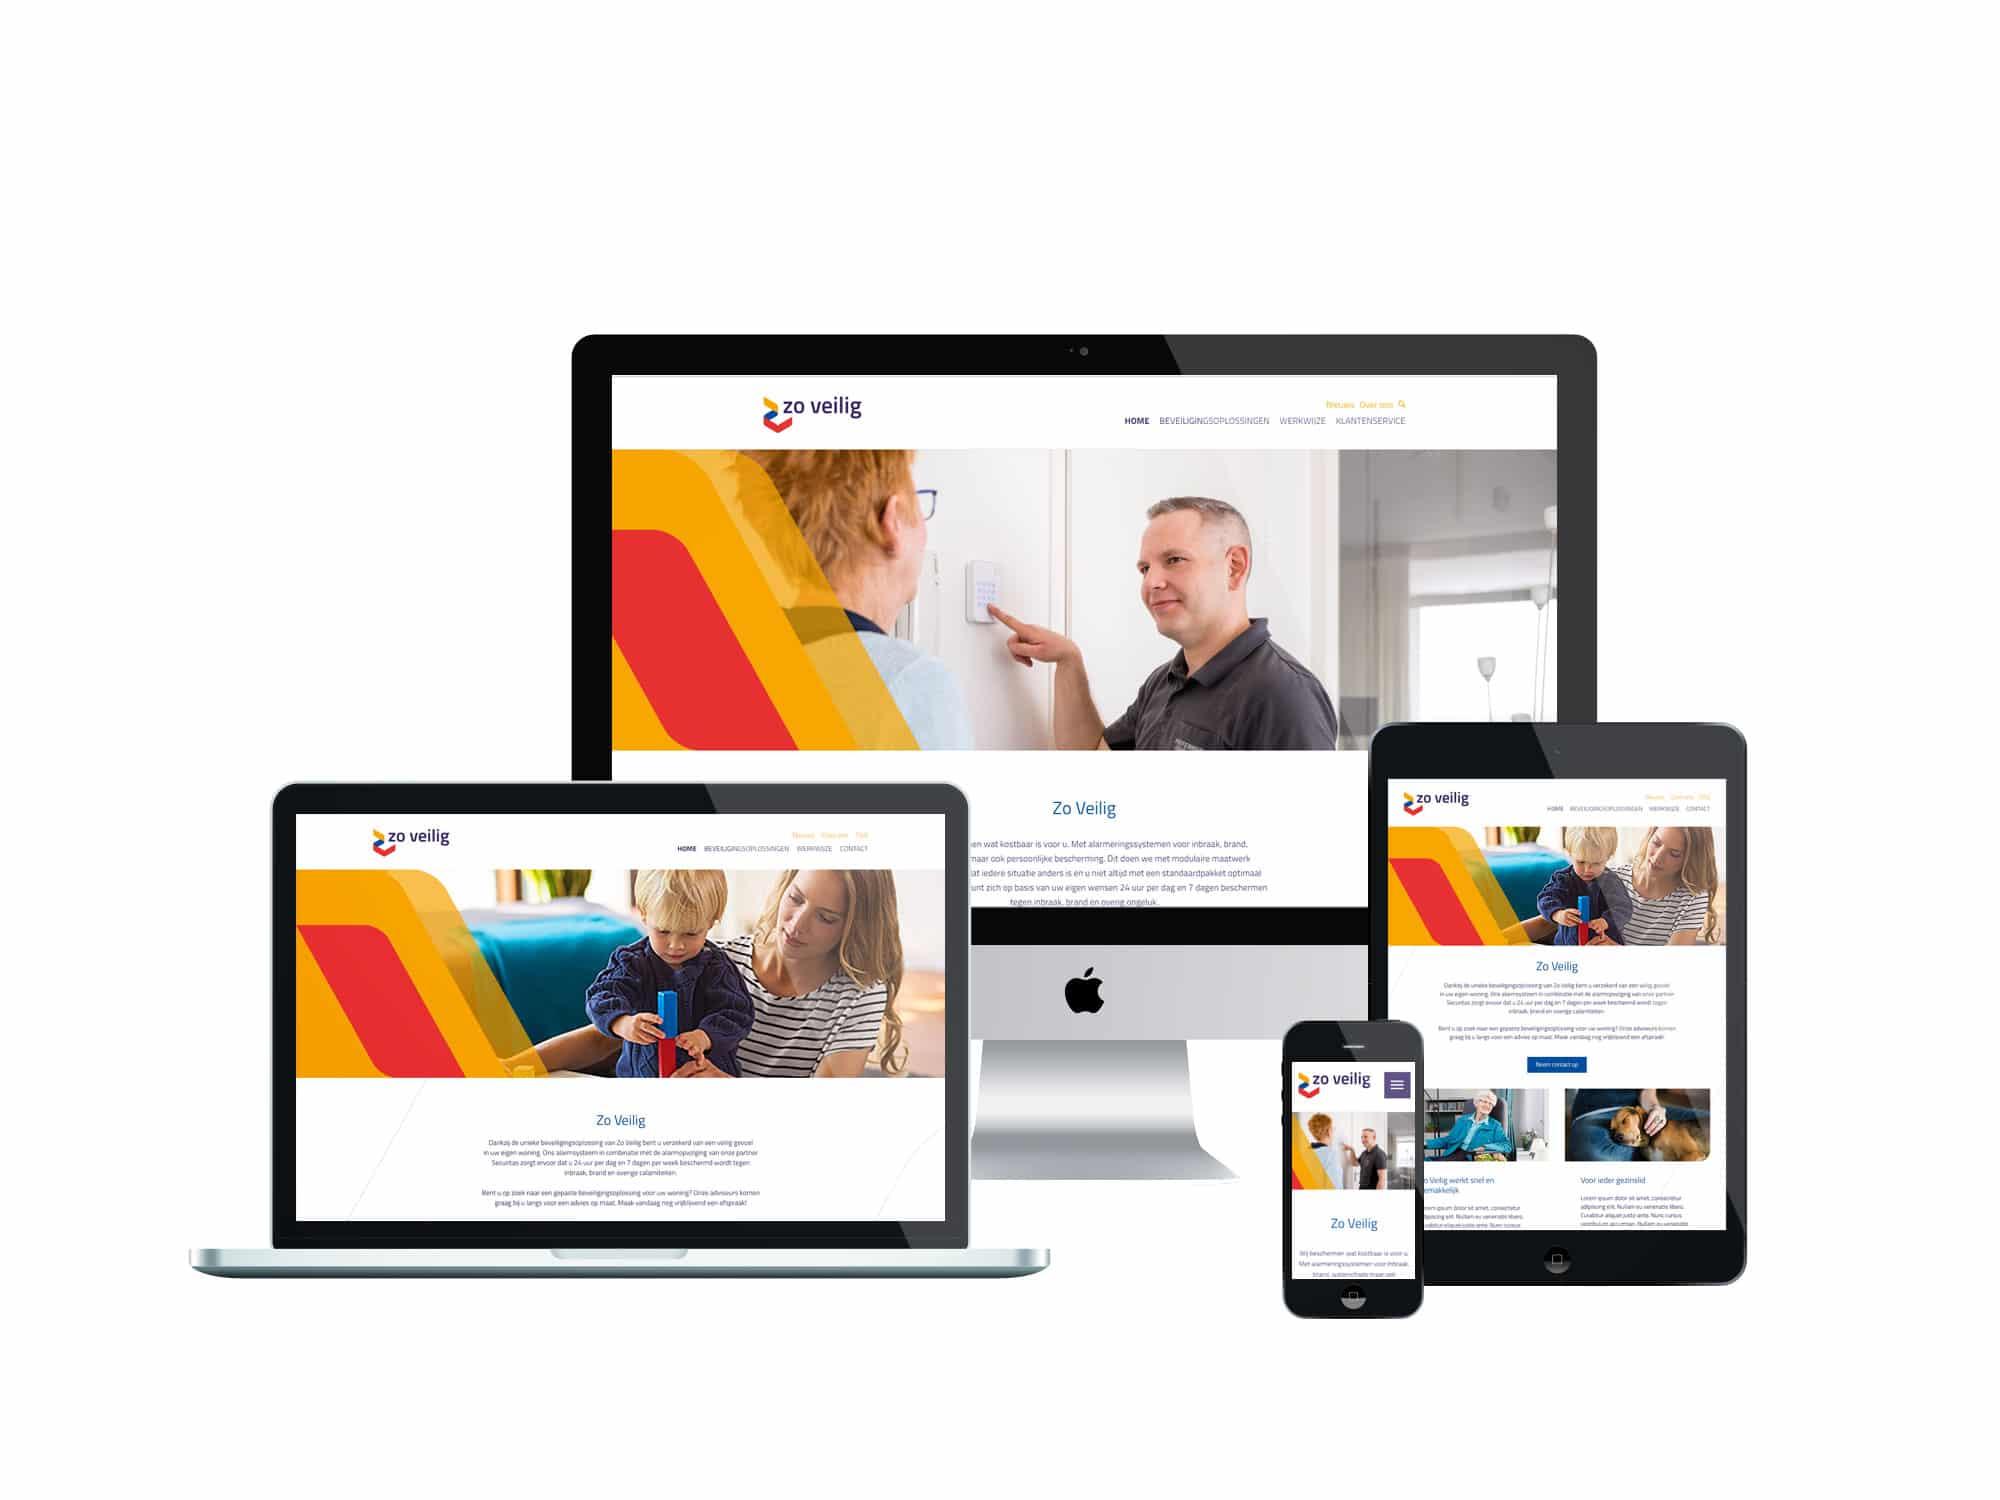 WordPress website - WordPress website